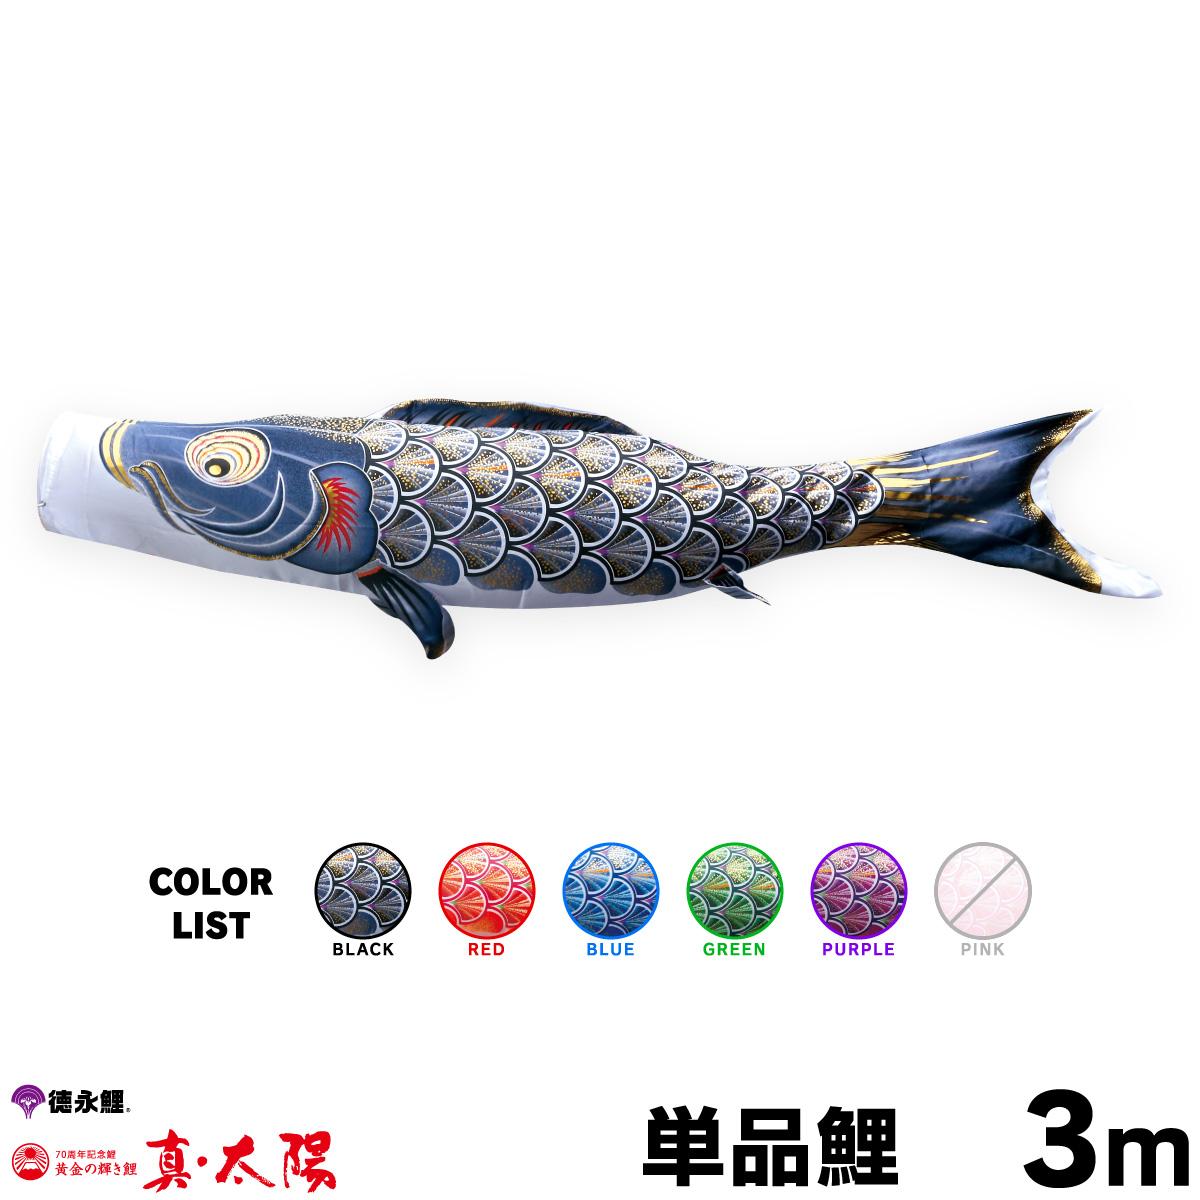 【こいのぼり 単品】 真・太陽鯉 3m 単品鯉 黒 赤 青 緑 紫